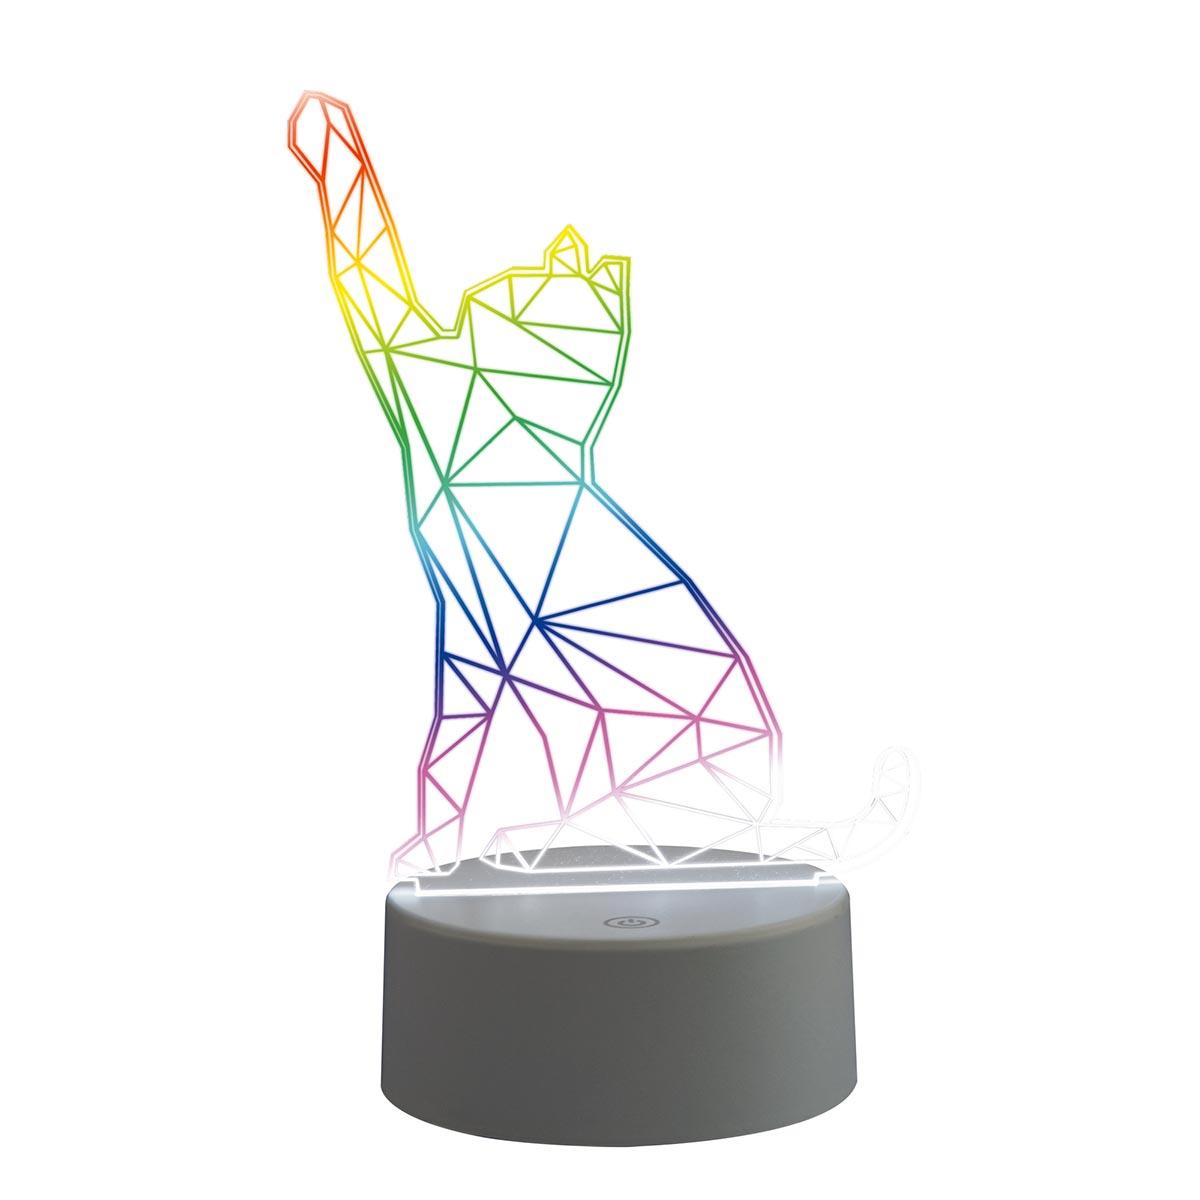 светильники Интерьерные украшения Uniel ULI-M501 RGB/3AAA Catty/White 3D светильники (USB зарядное устройство)